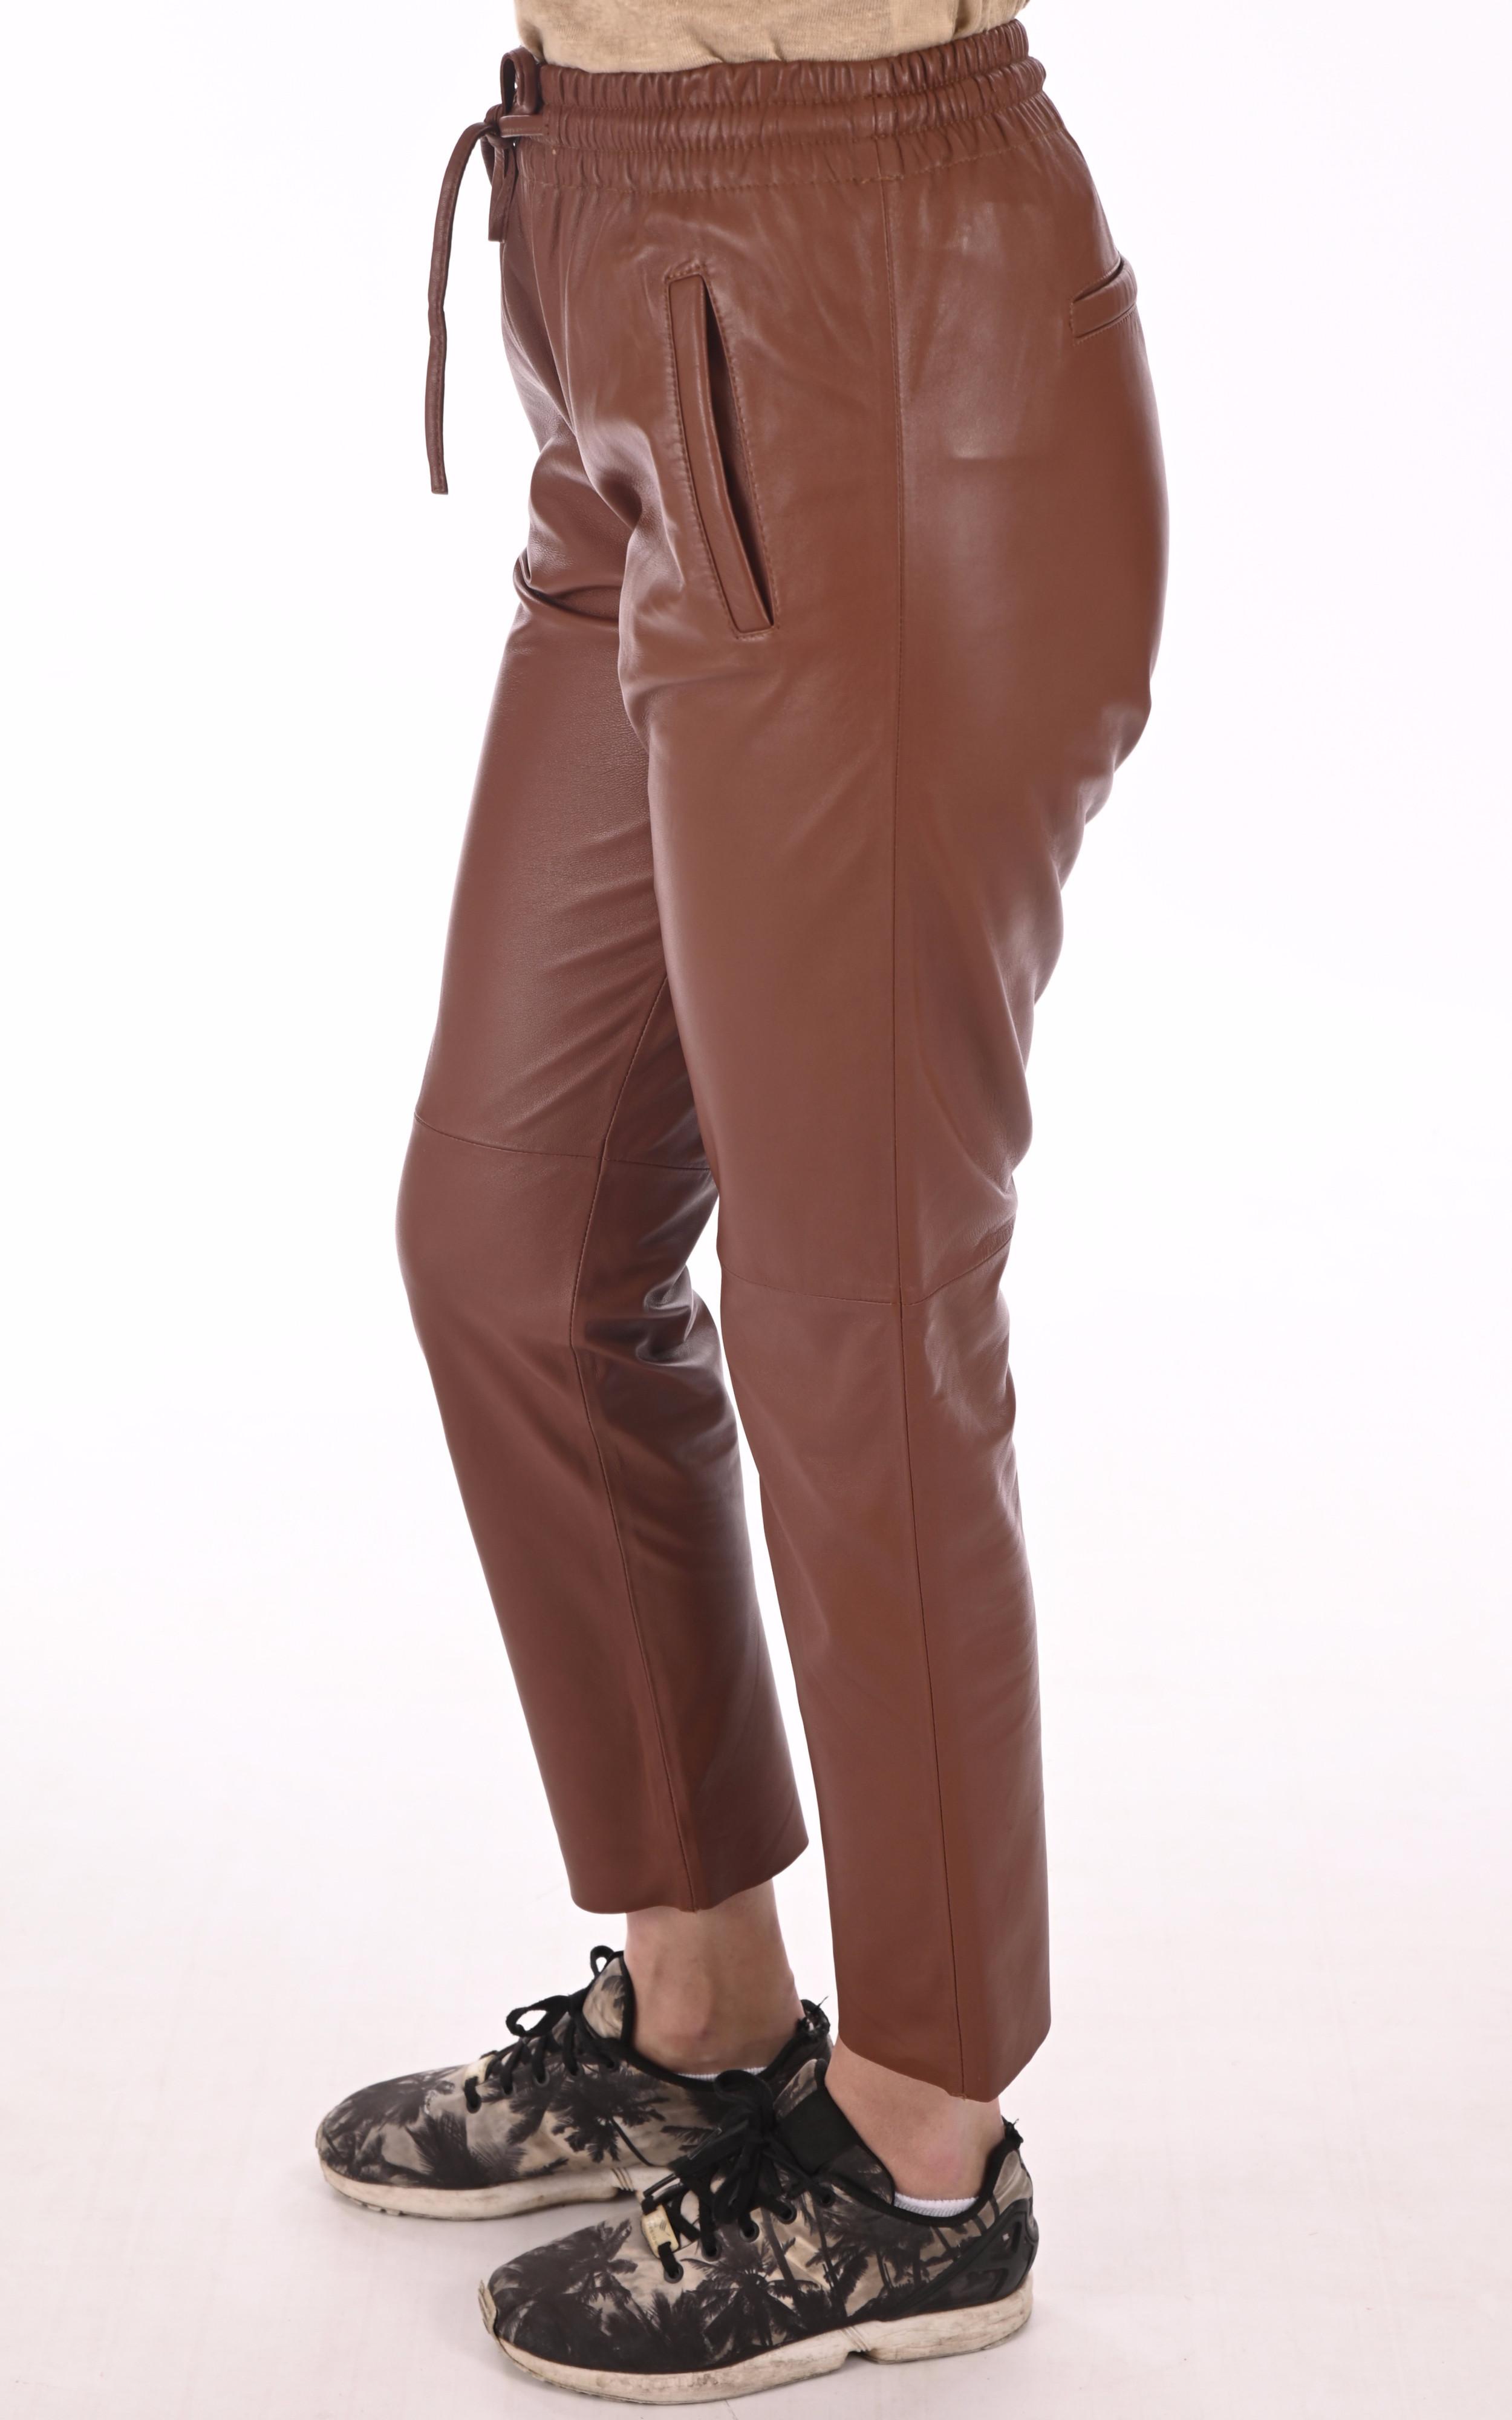 Pantalon jogpant cuir fauve Oakwood